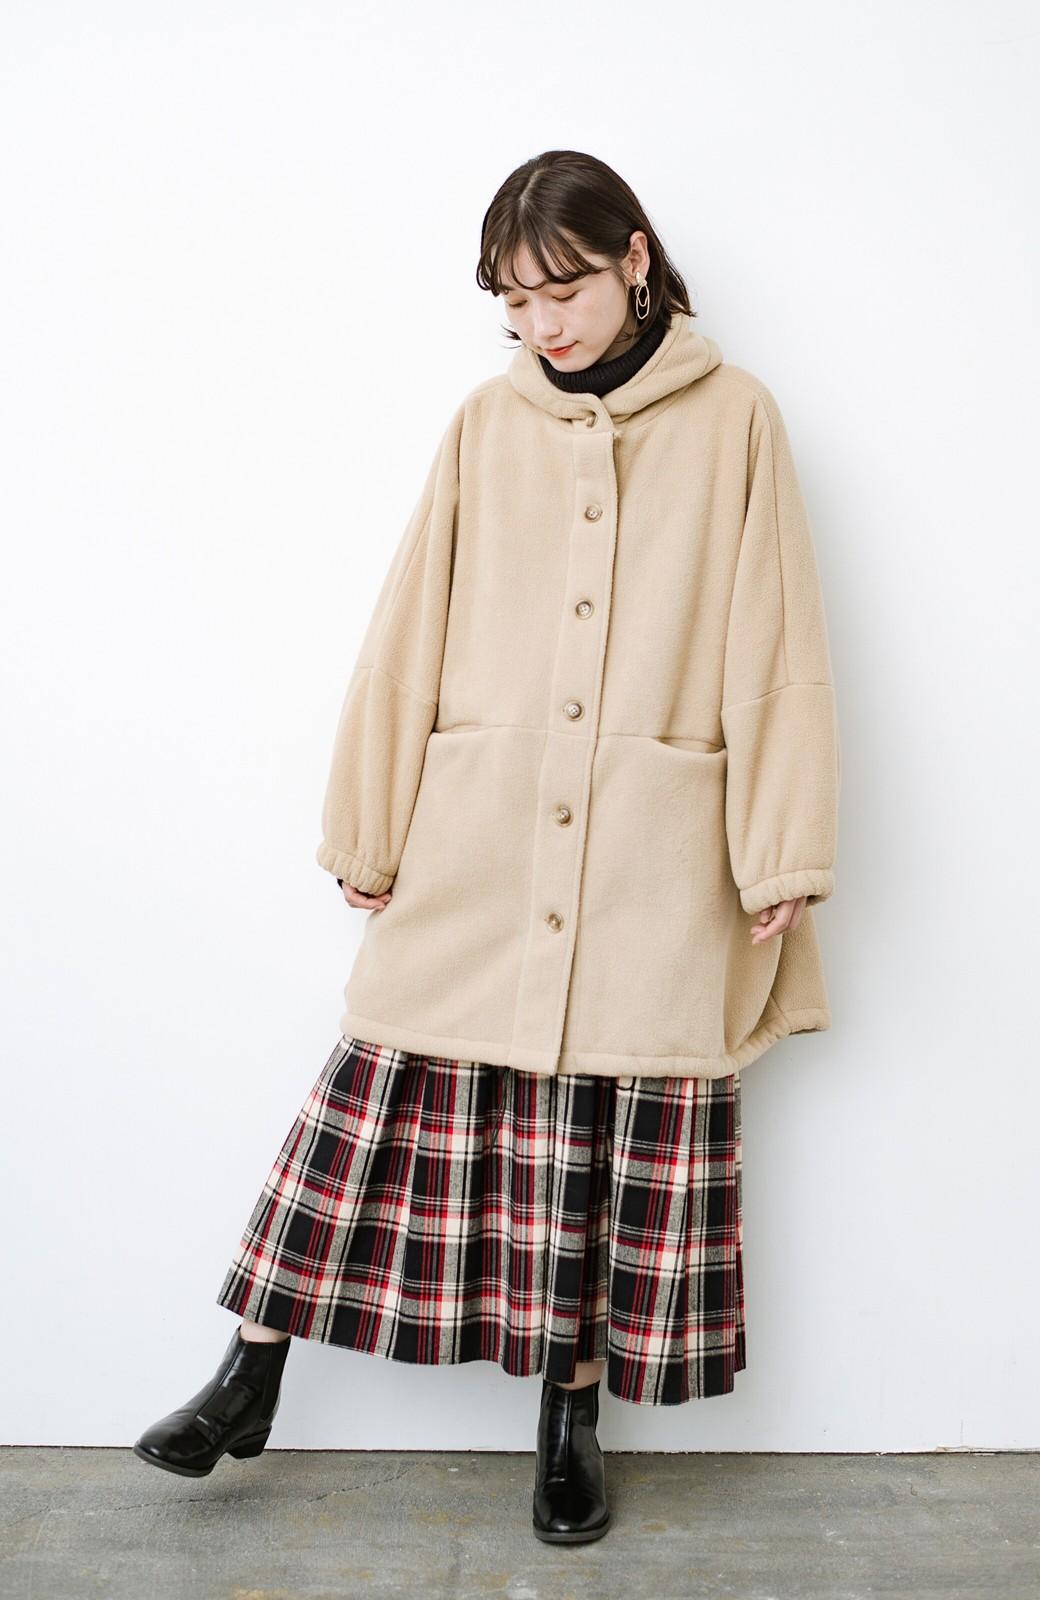 haco! さっと羽織って今っぽい ゆるっとサイズがかわいい裏起毛のあったかジャケットby Z of zampa Organic <ライトベージュ>の商品写真11